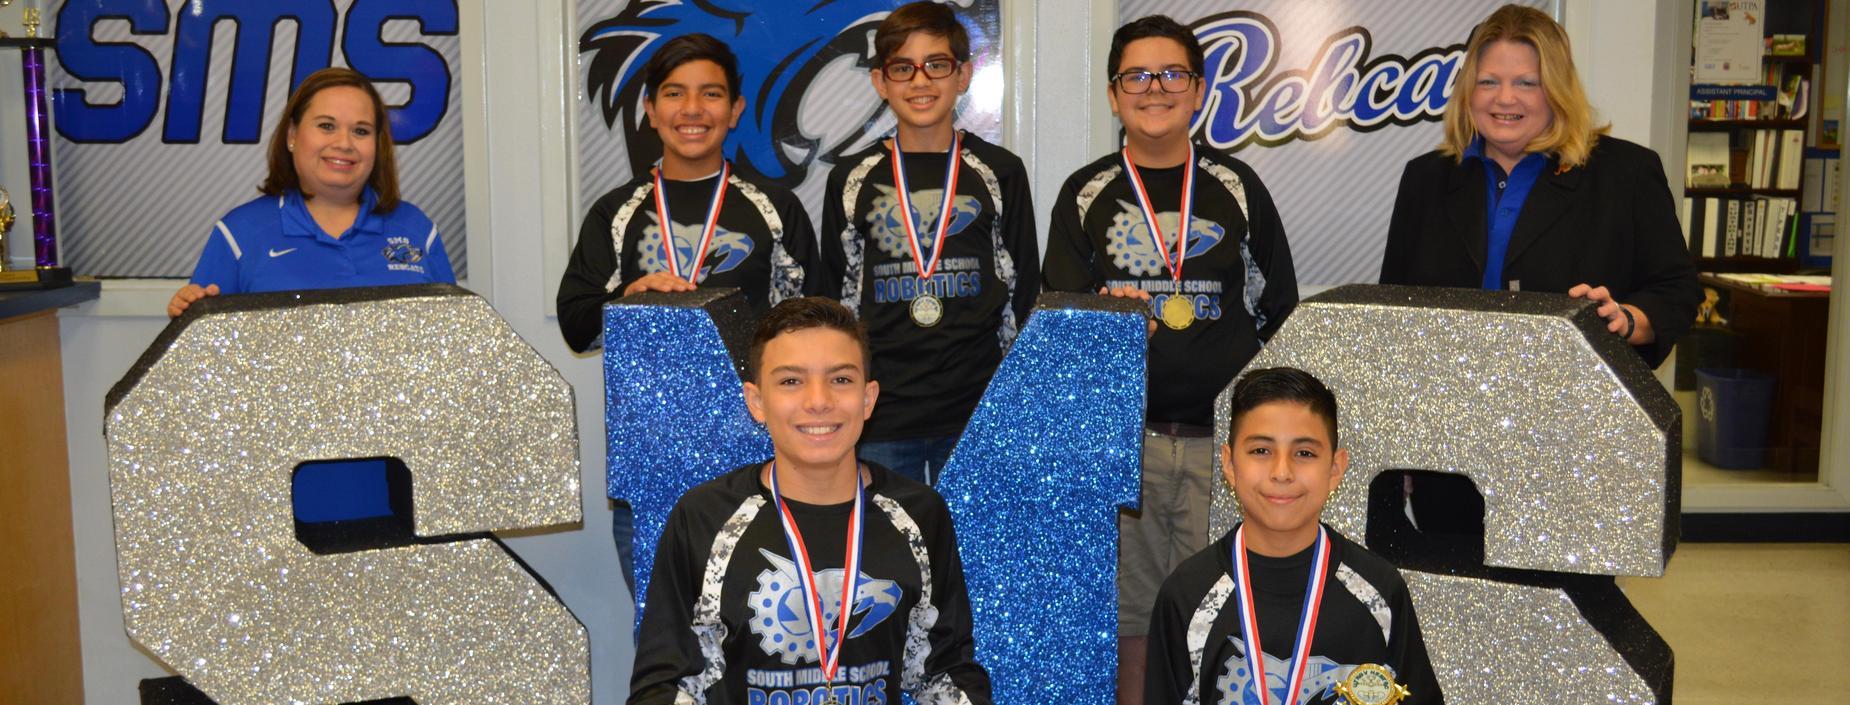 Robotics Teams wins 1st at Hestec